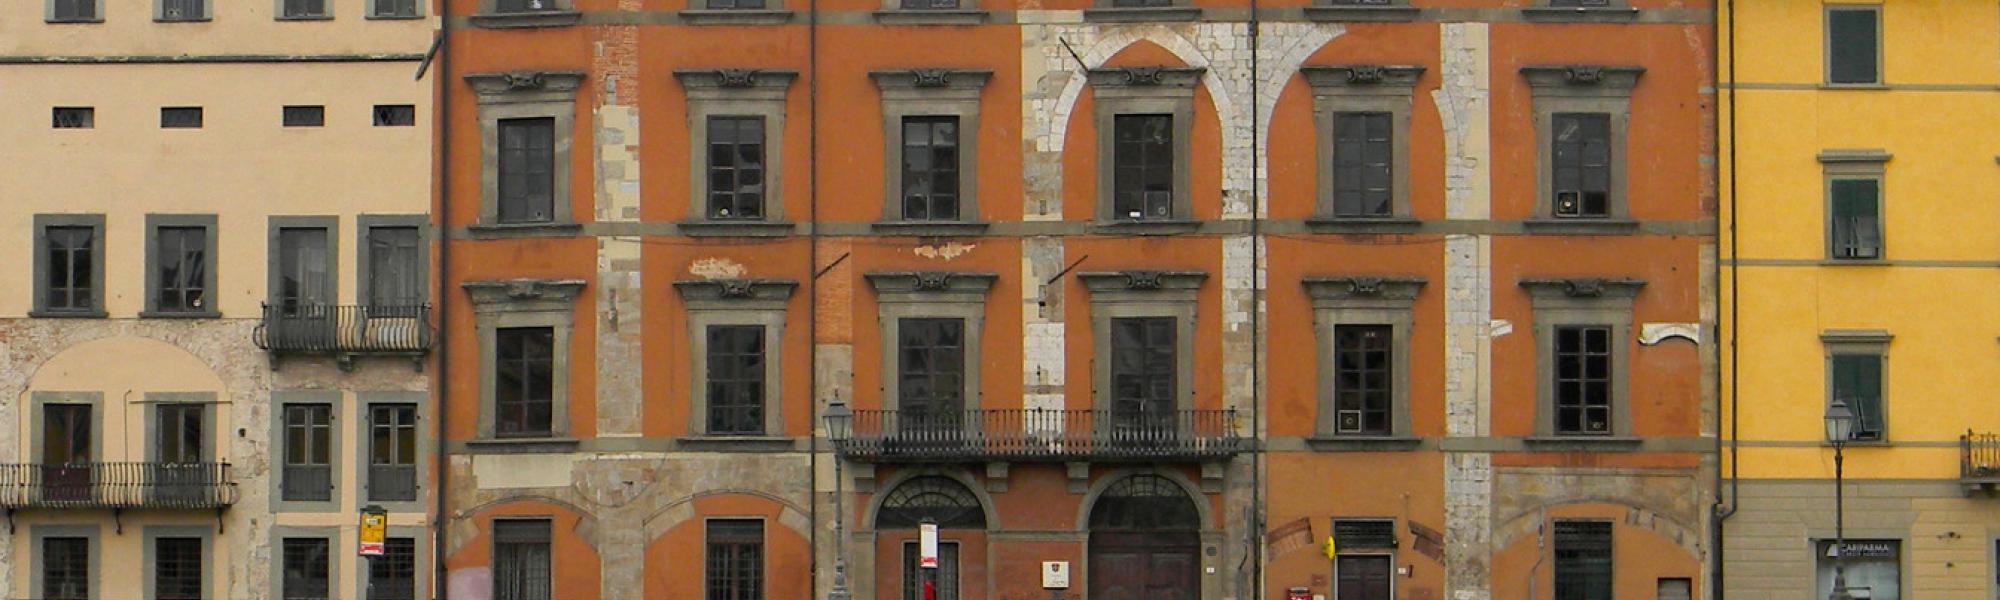 Facciata sul Lungarno - Palazzo Mosca (M. Febbraro)